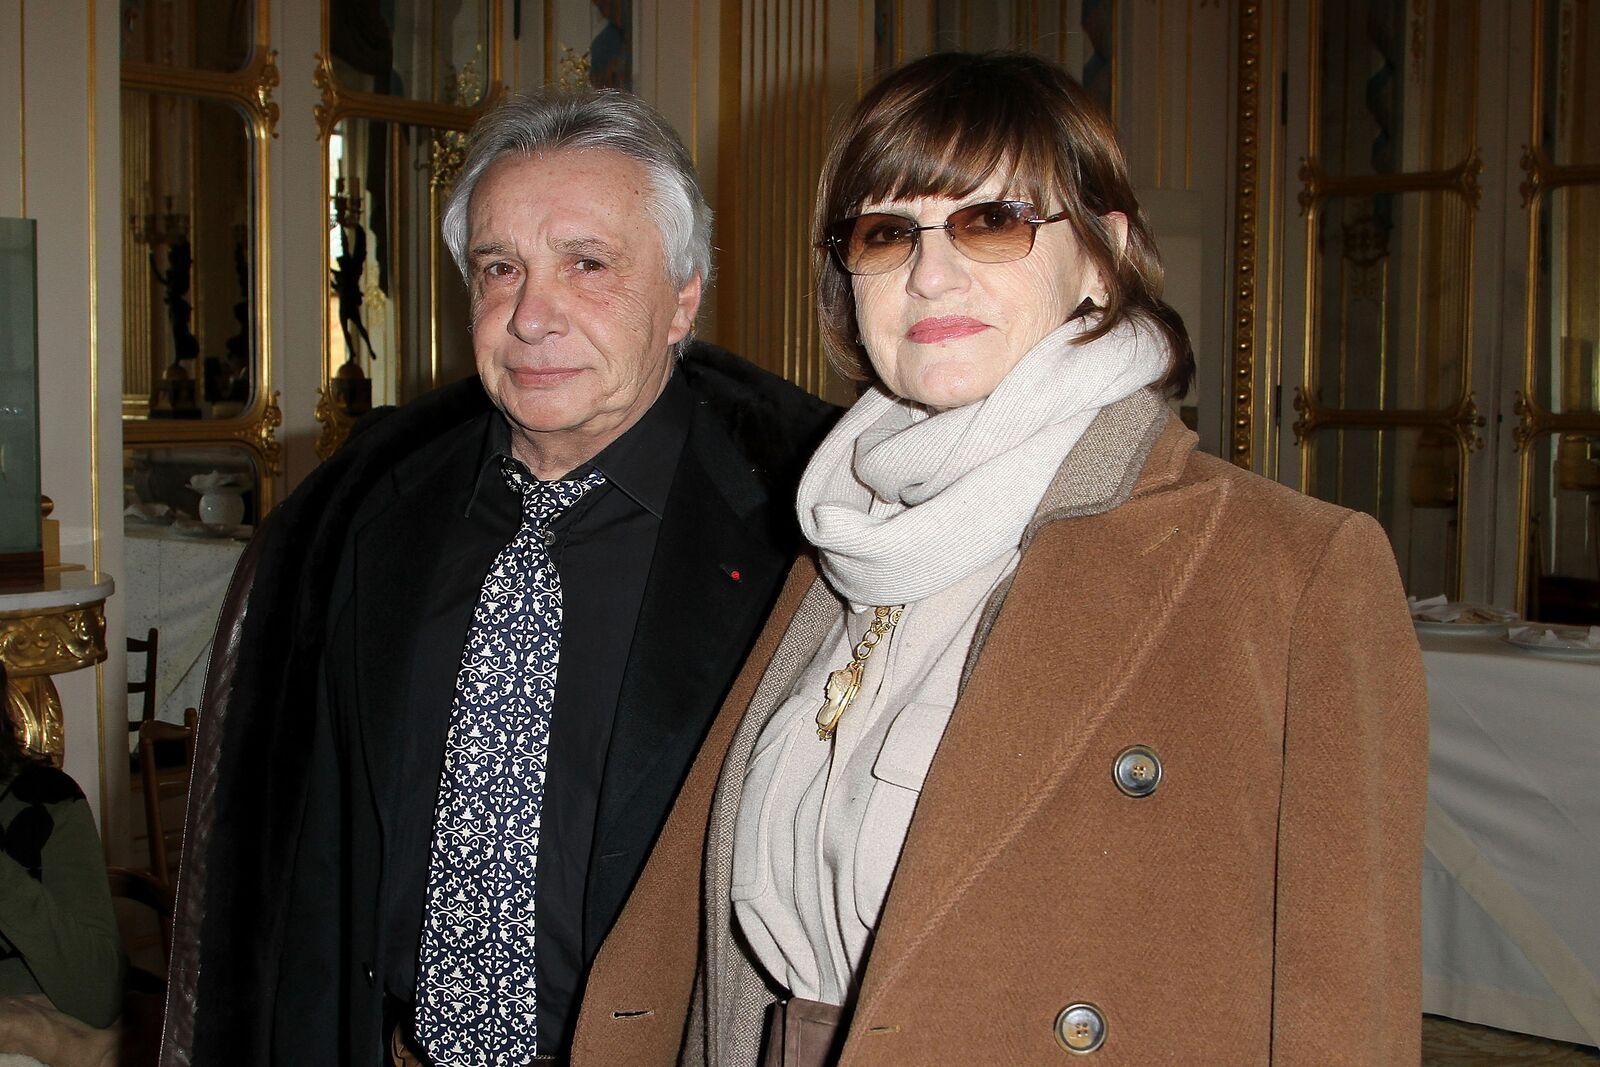 Michel Sardou avec sa femme Françoise Pettré.  | Photo : GettyImage